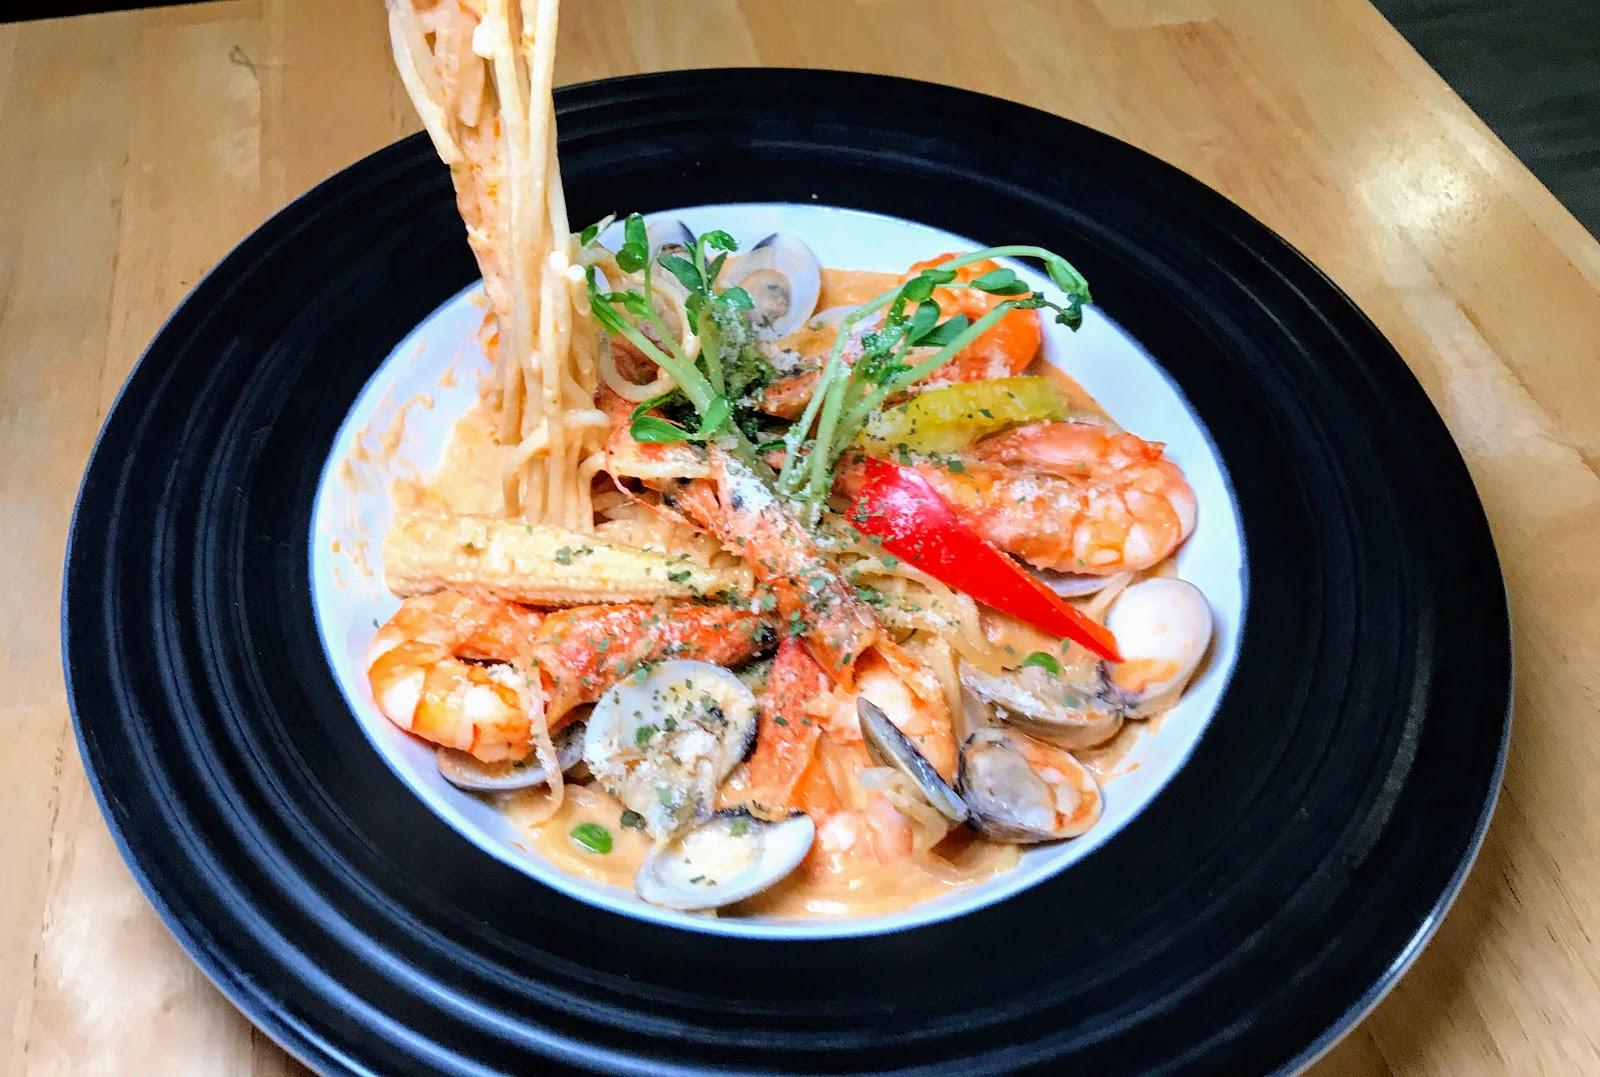  逗点,複合式餐飲 東區的聚餐好所在 環境舒適又提供多樣化餐點 [台南 東區 德安百貨]